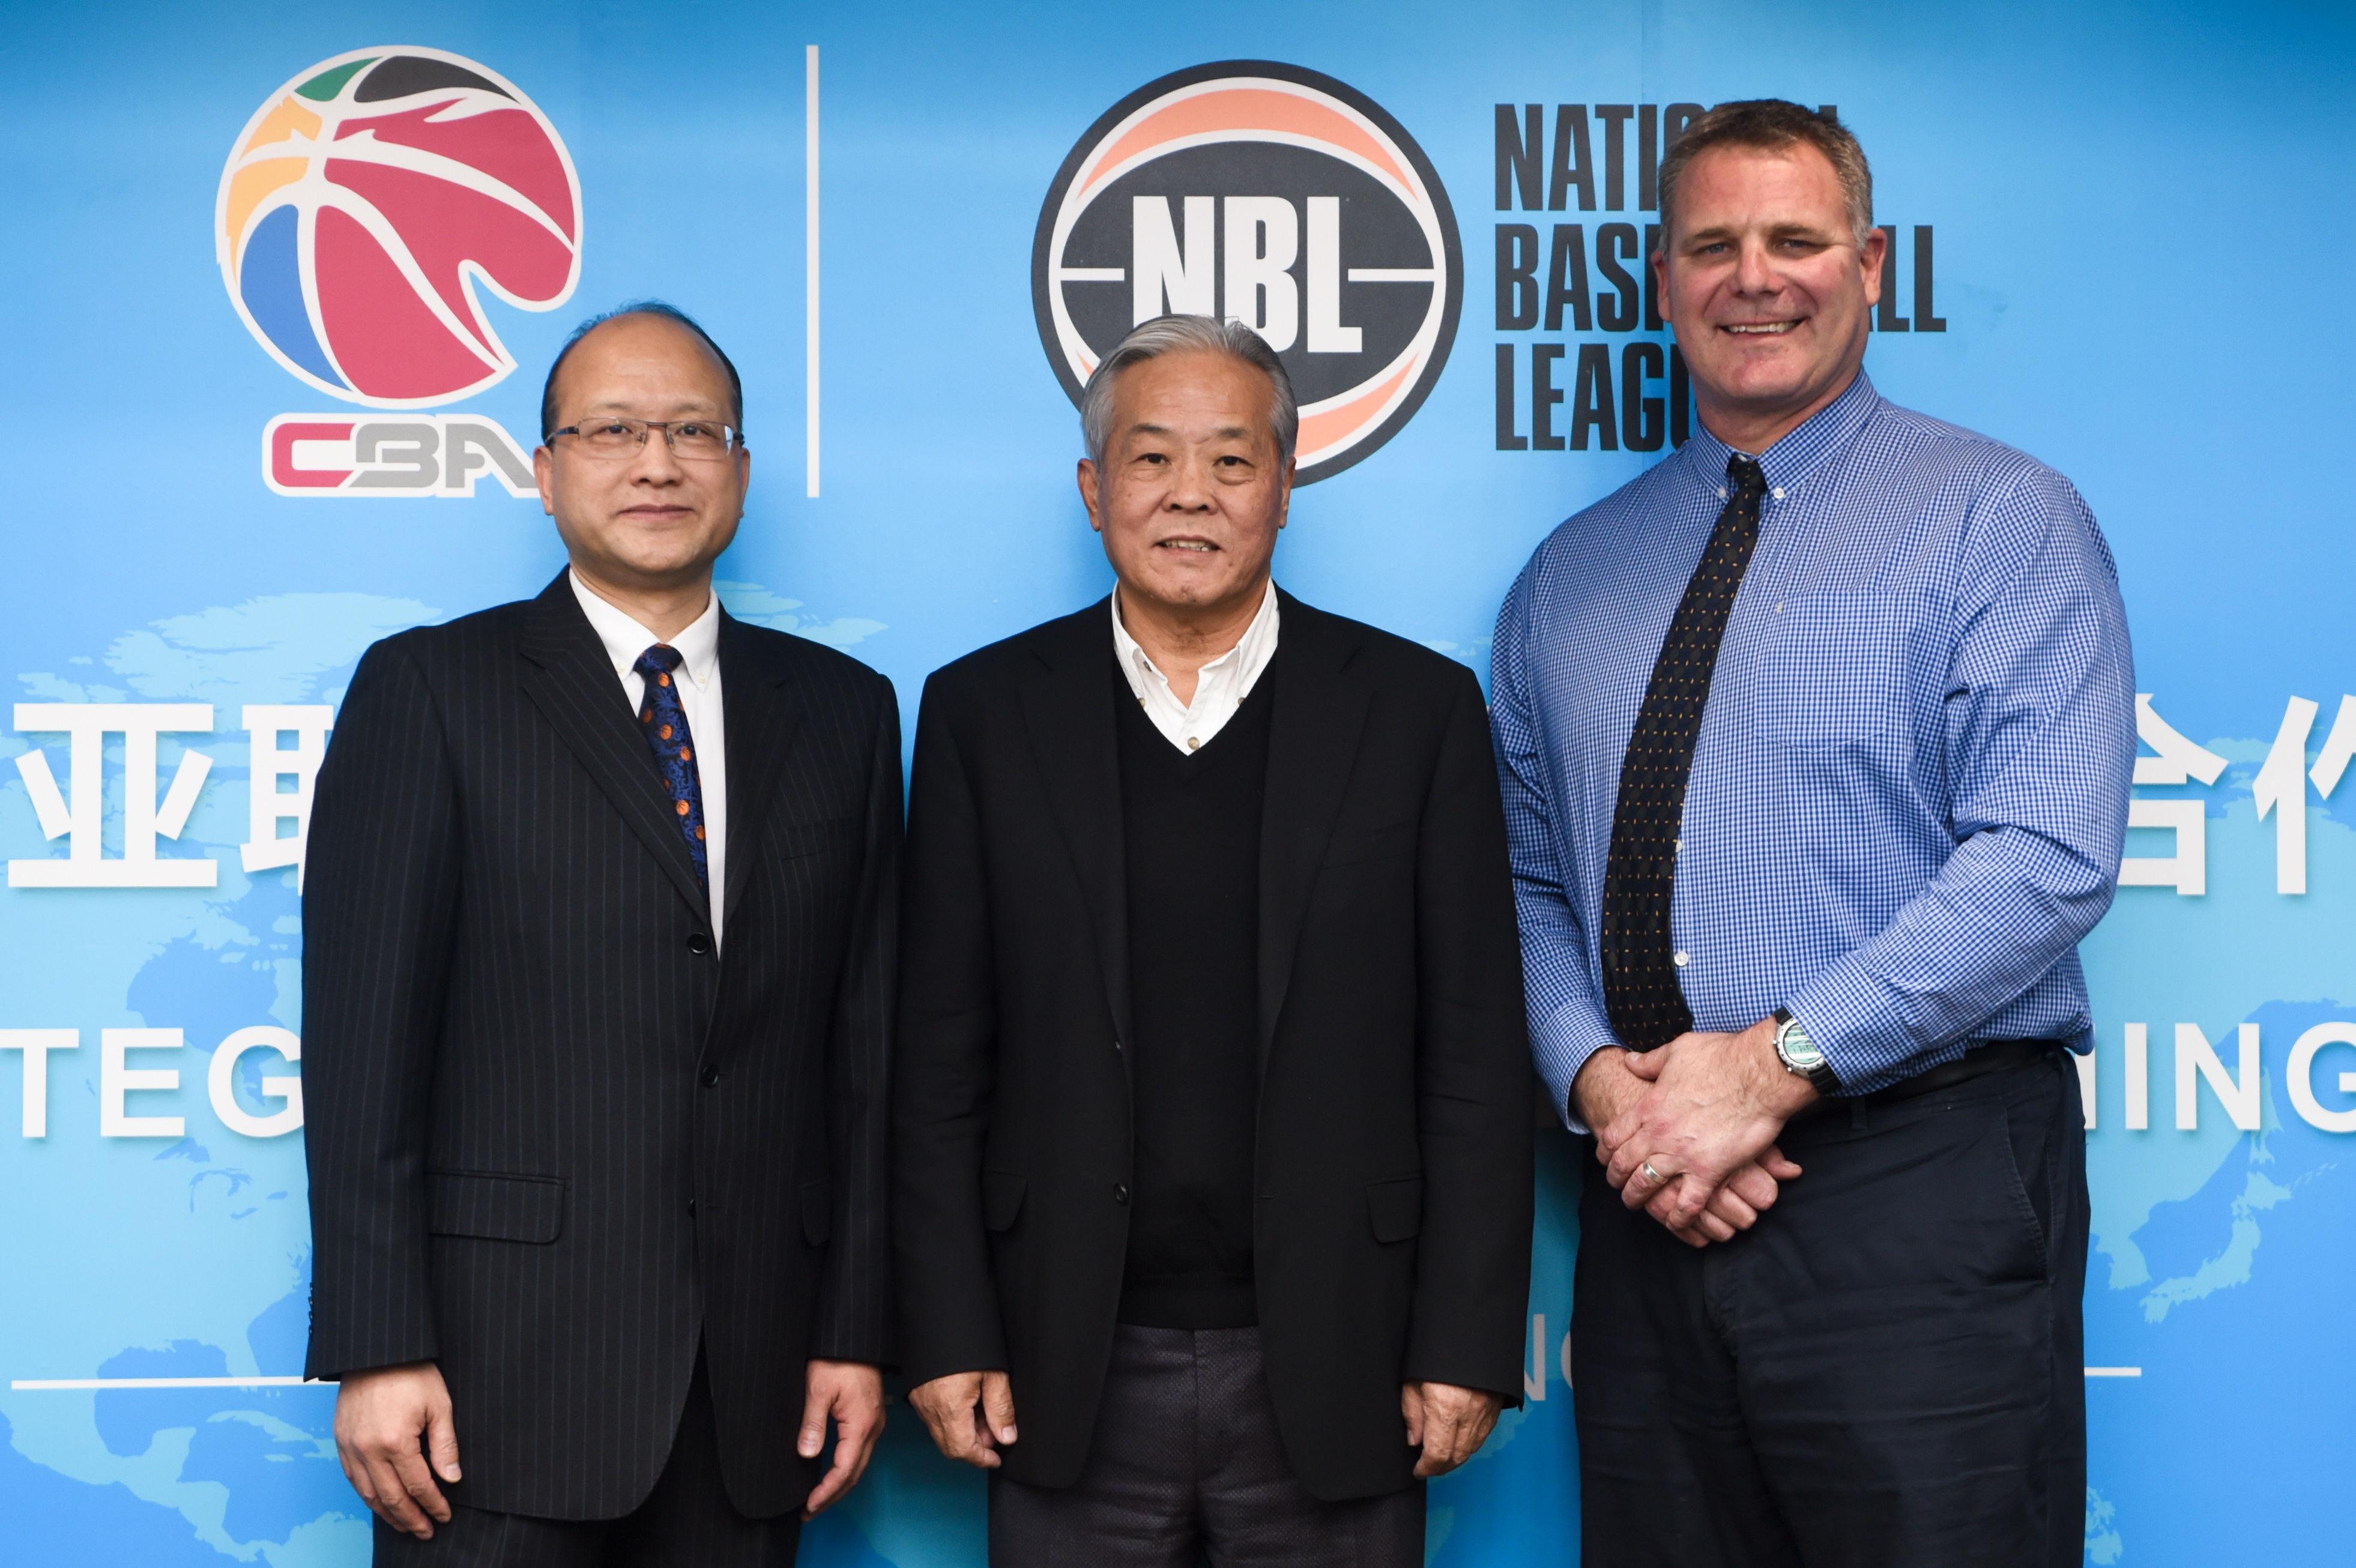 CBA联赛与澳大利亚职业篮球联赛达成战略合作